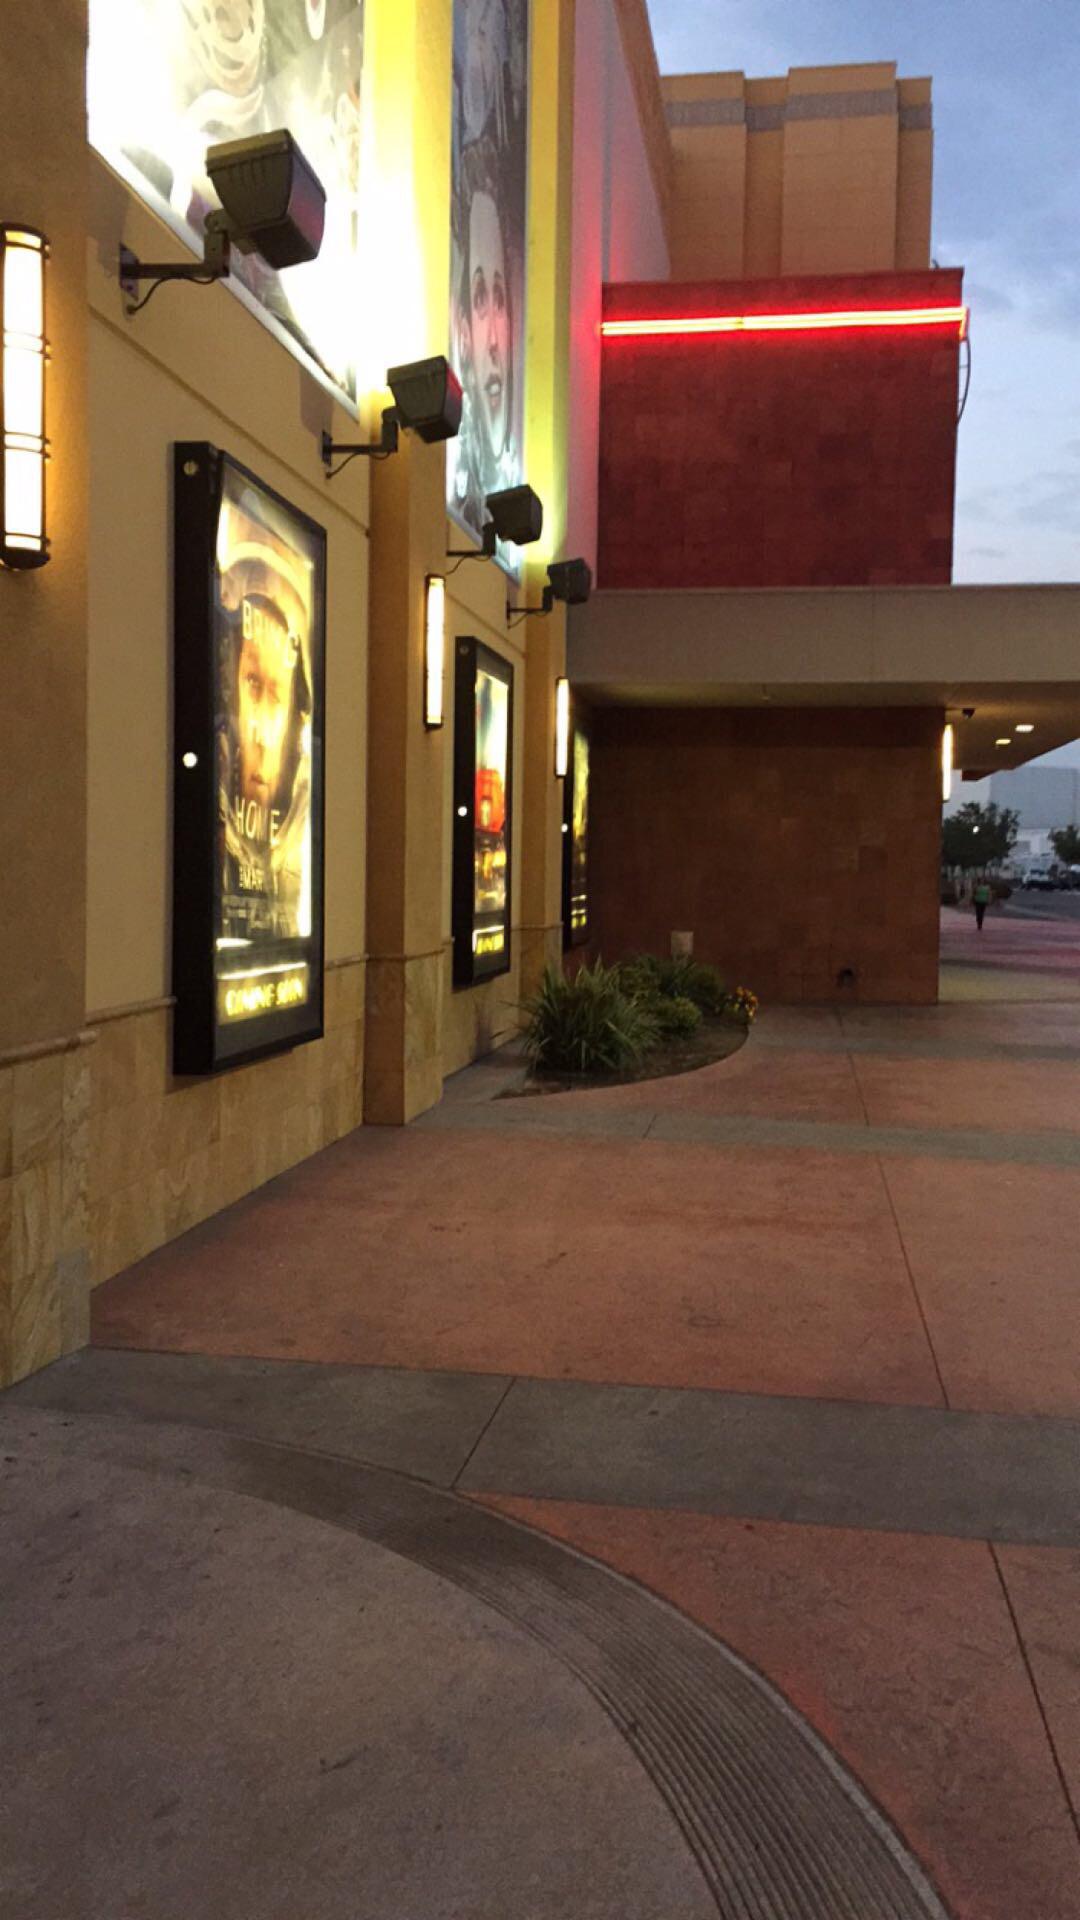 Maya Cinemas 16, Bakersfield CA